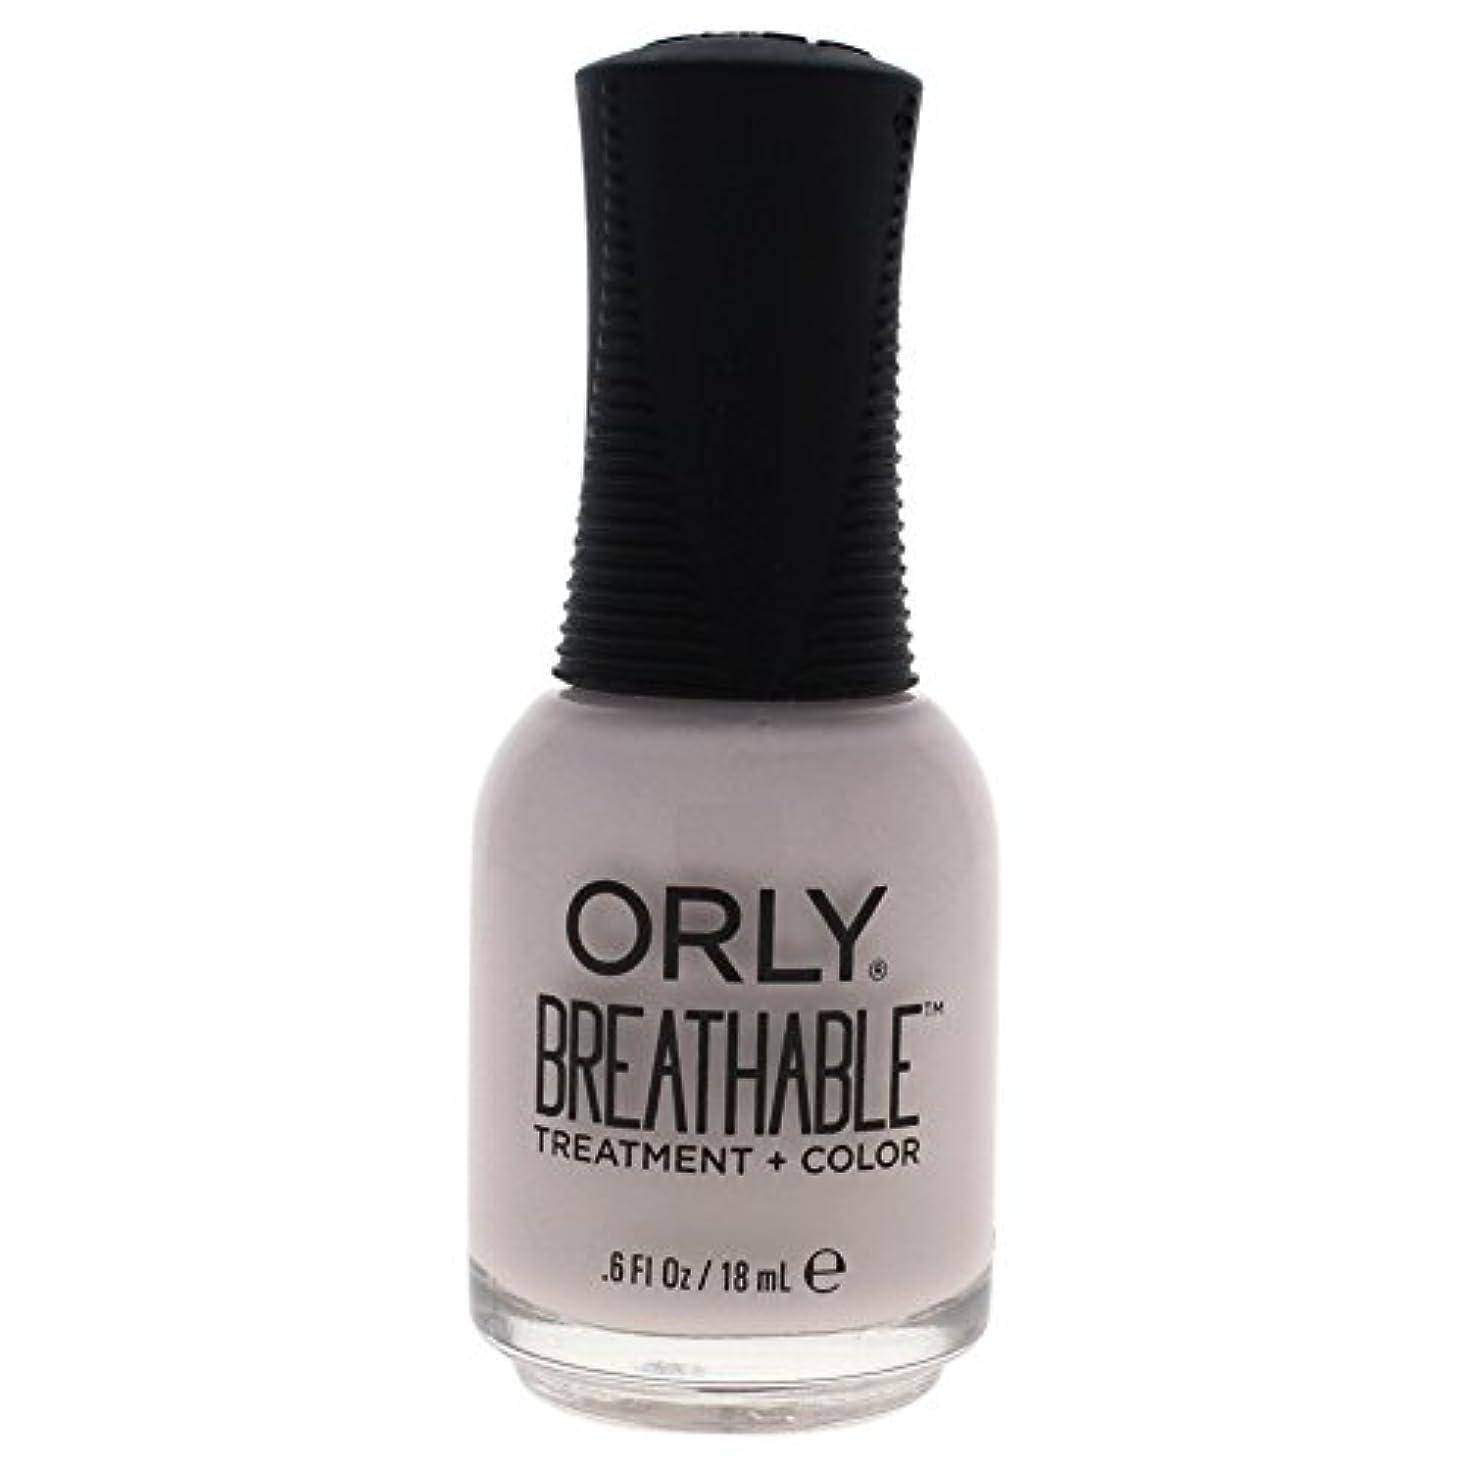 写真暴力的なめ言葉Orly Breathable Treatment + Color Nail Lacquer - Light as a Feather - 0.6oz / 18ml